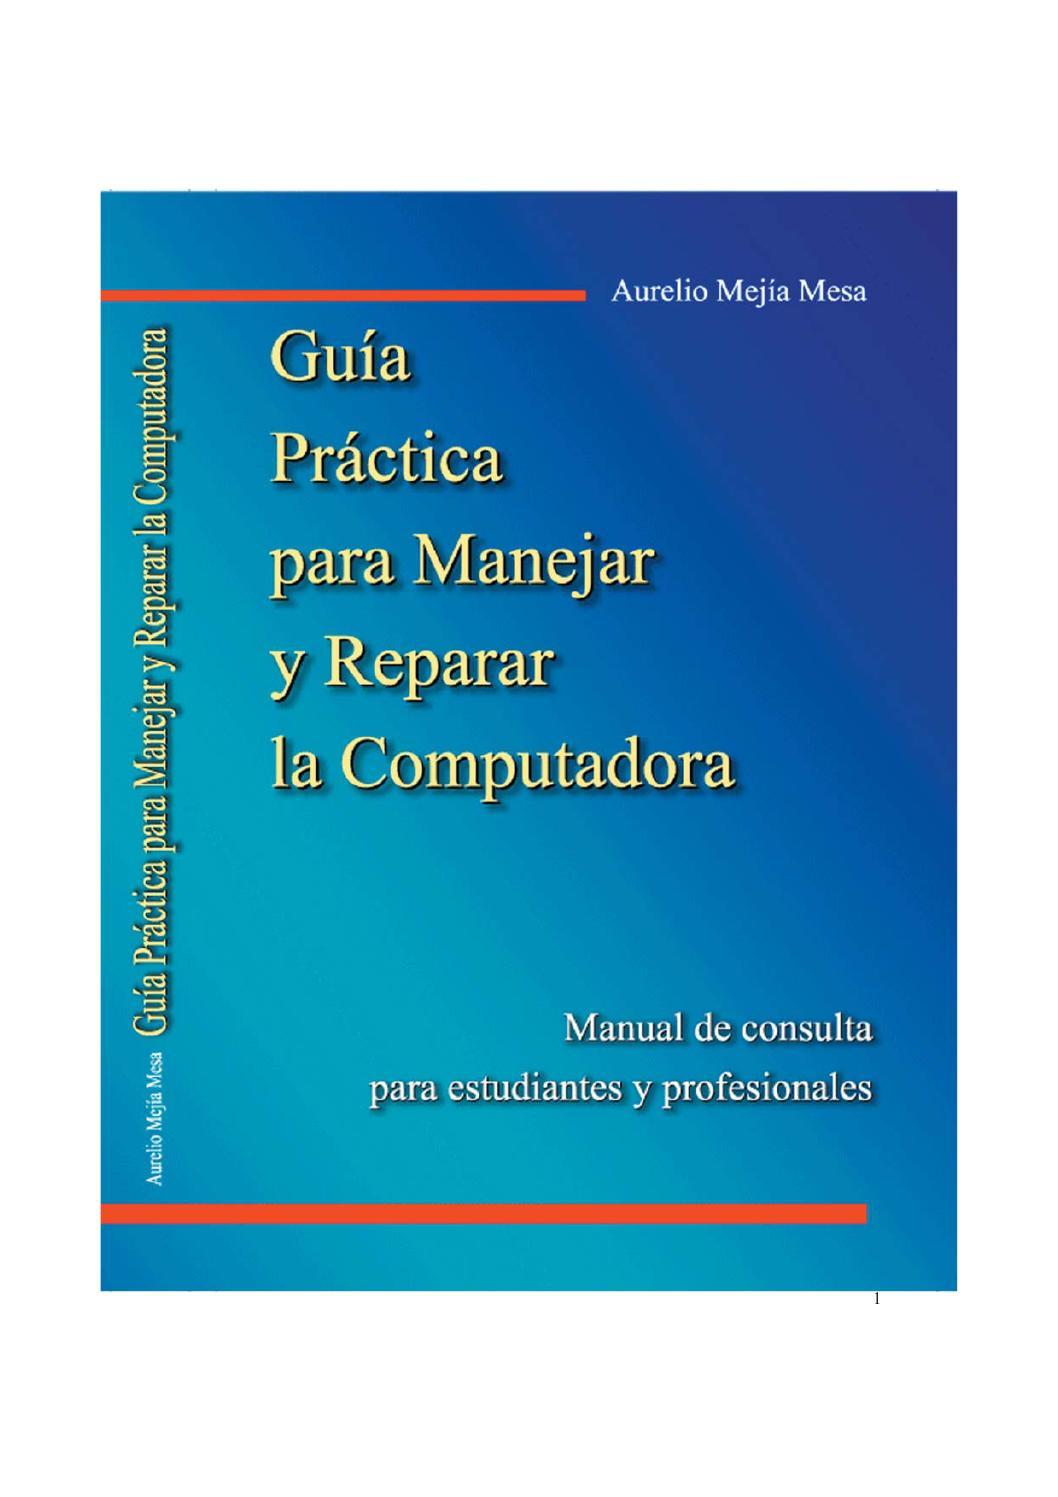 Mantenimiento De Computadores By Patricia Solis Robladillo Issuu